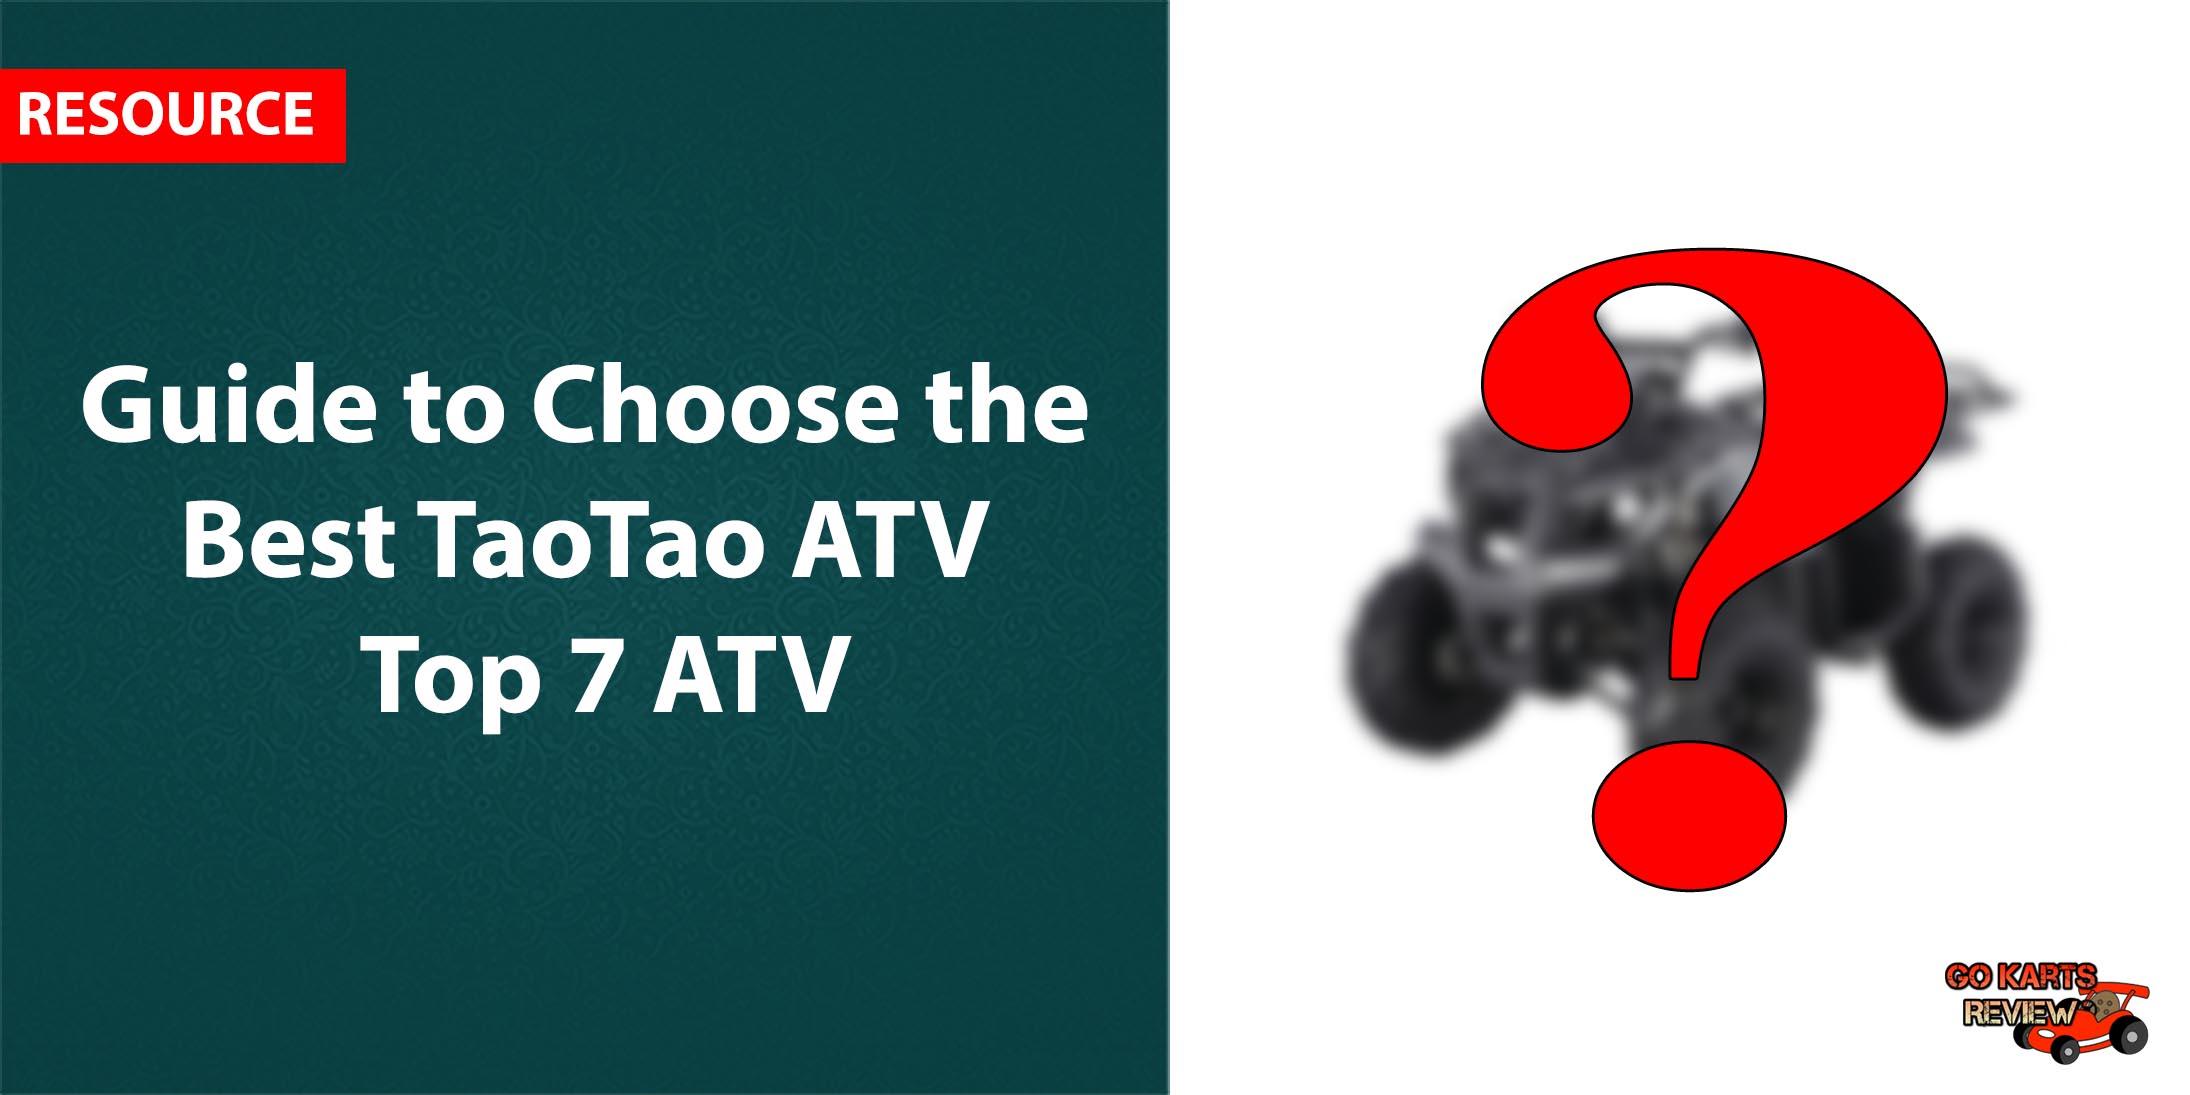 TaoTao ATV